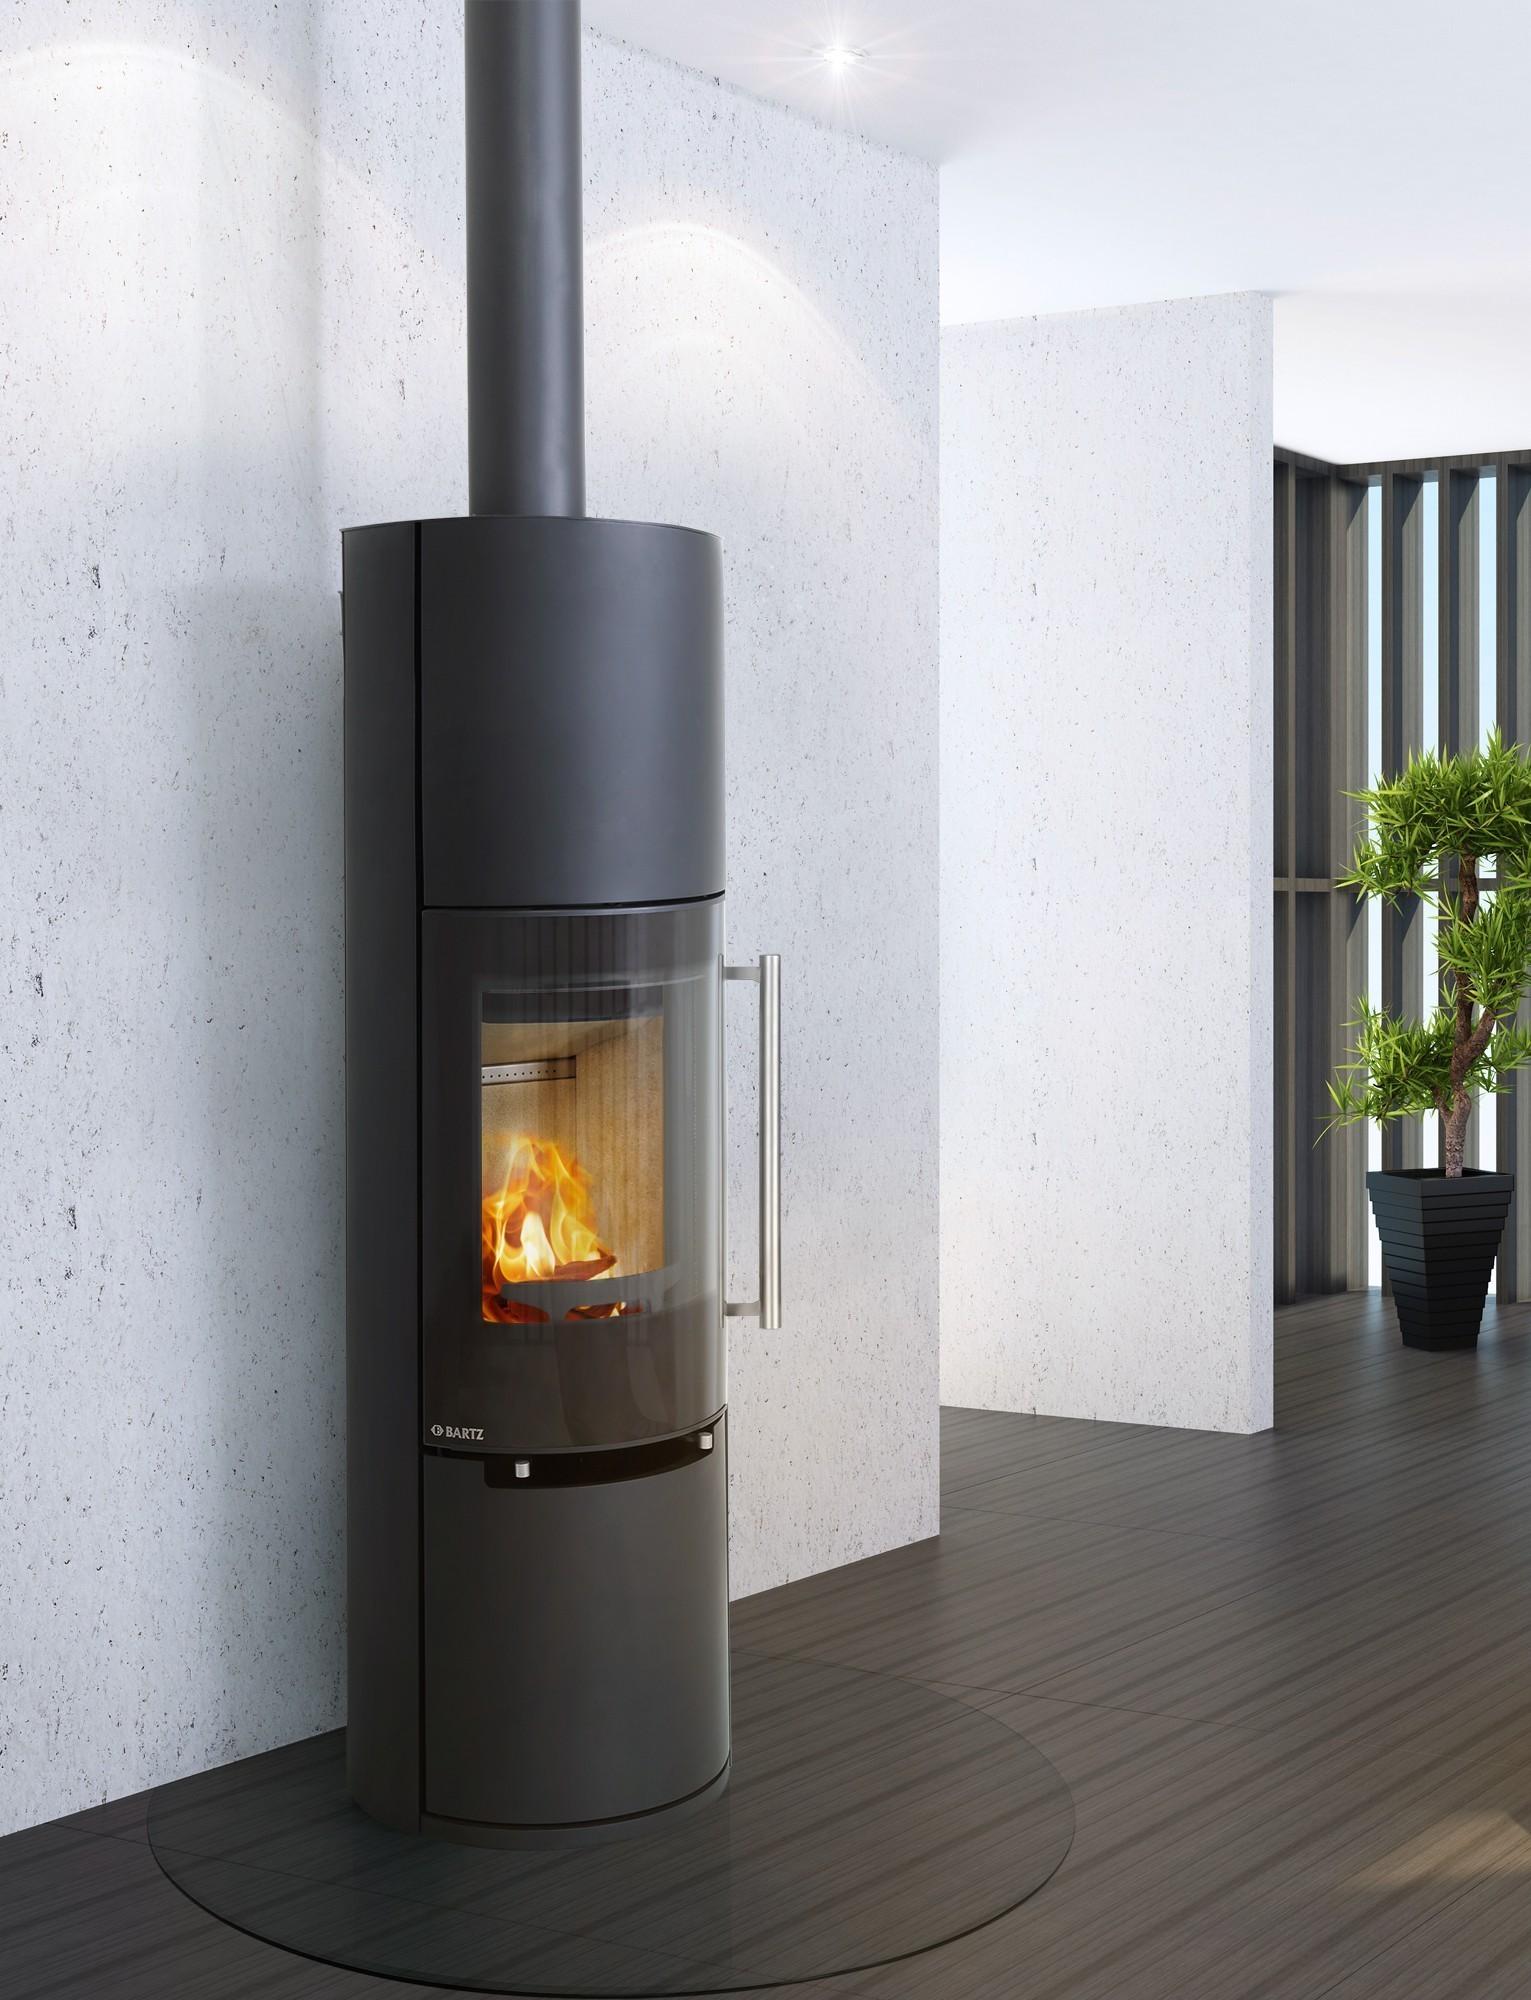 kaminofen bartz linz raumluftunabh ngig stahl schwarz 7kw. Black Bedroom Furniture Sets. Home Design Ideas